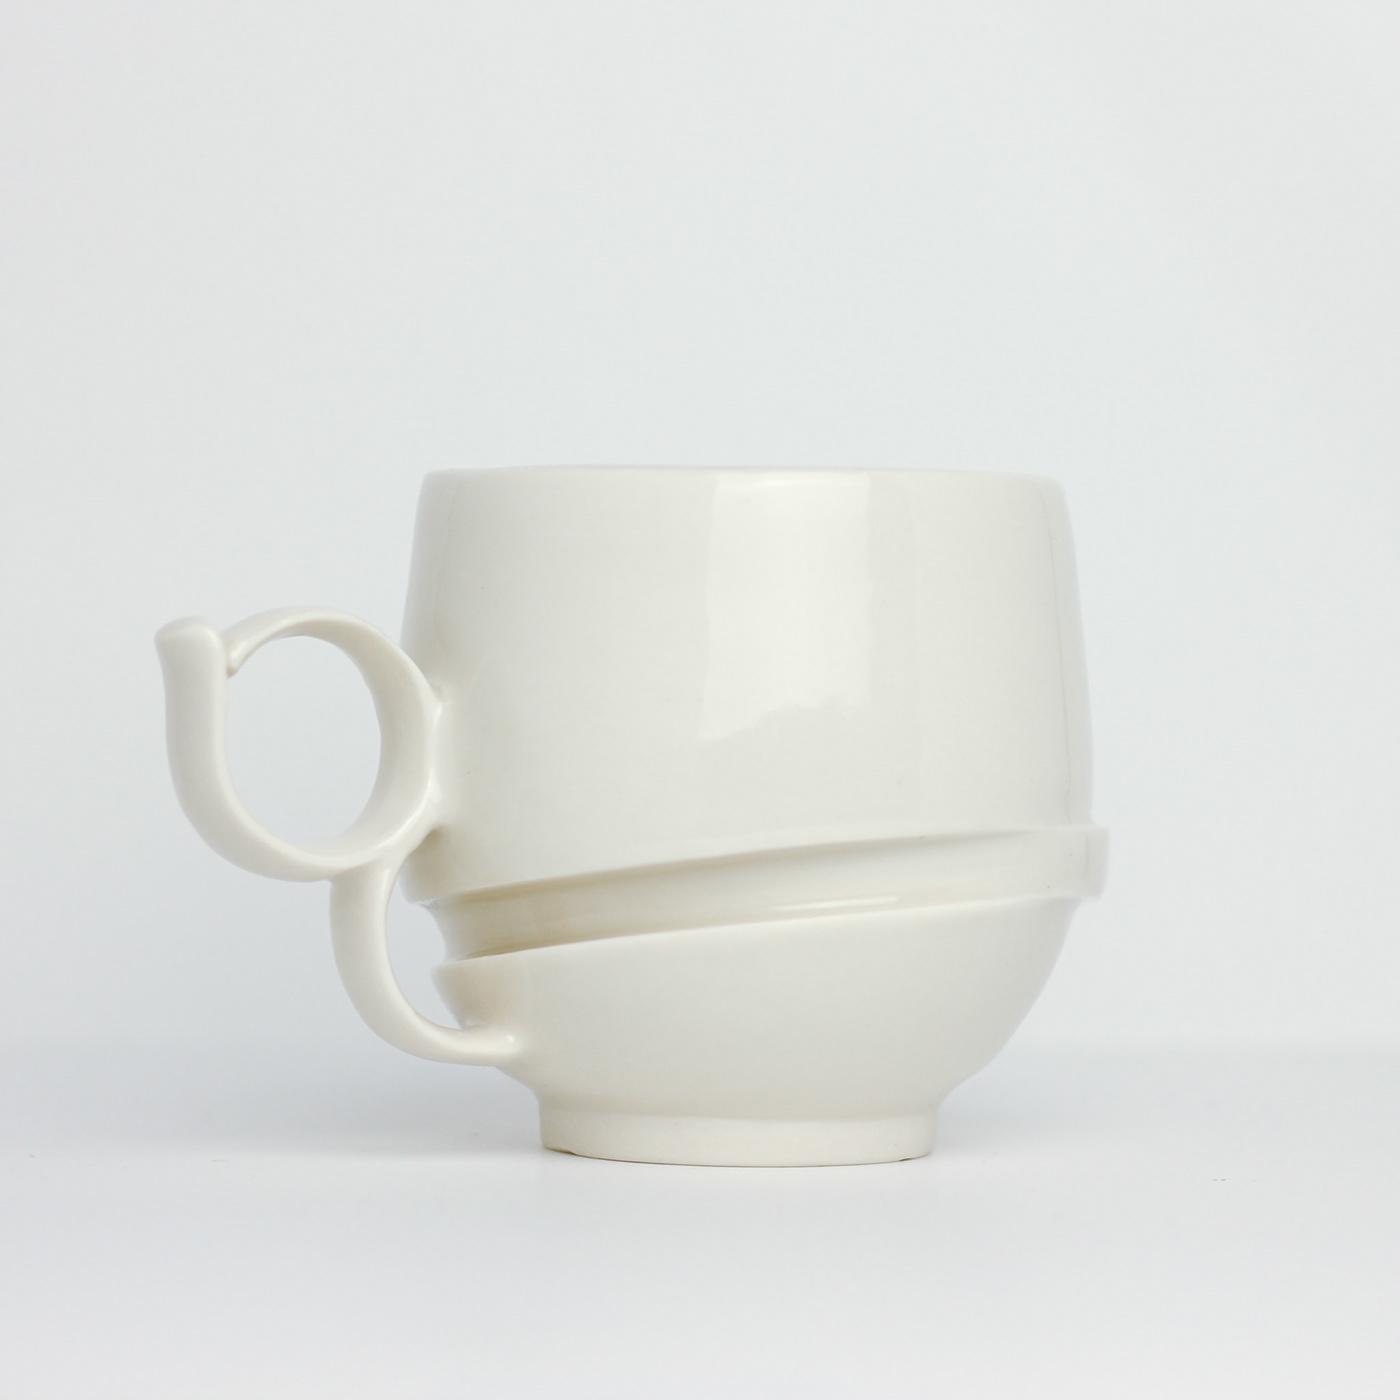 Image may contain: vase, wall and mug